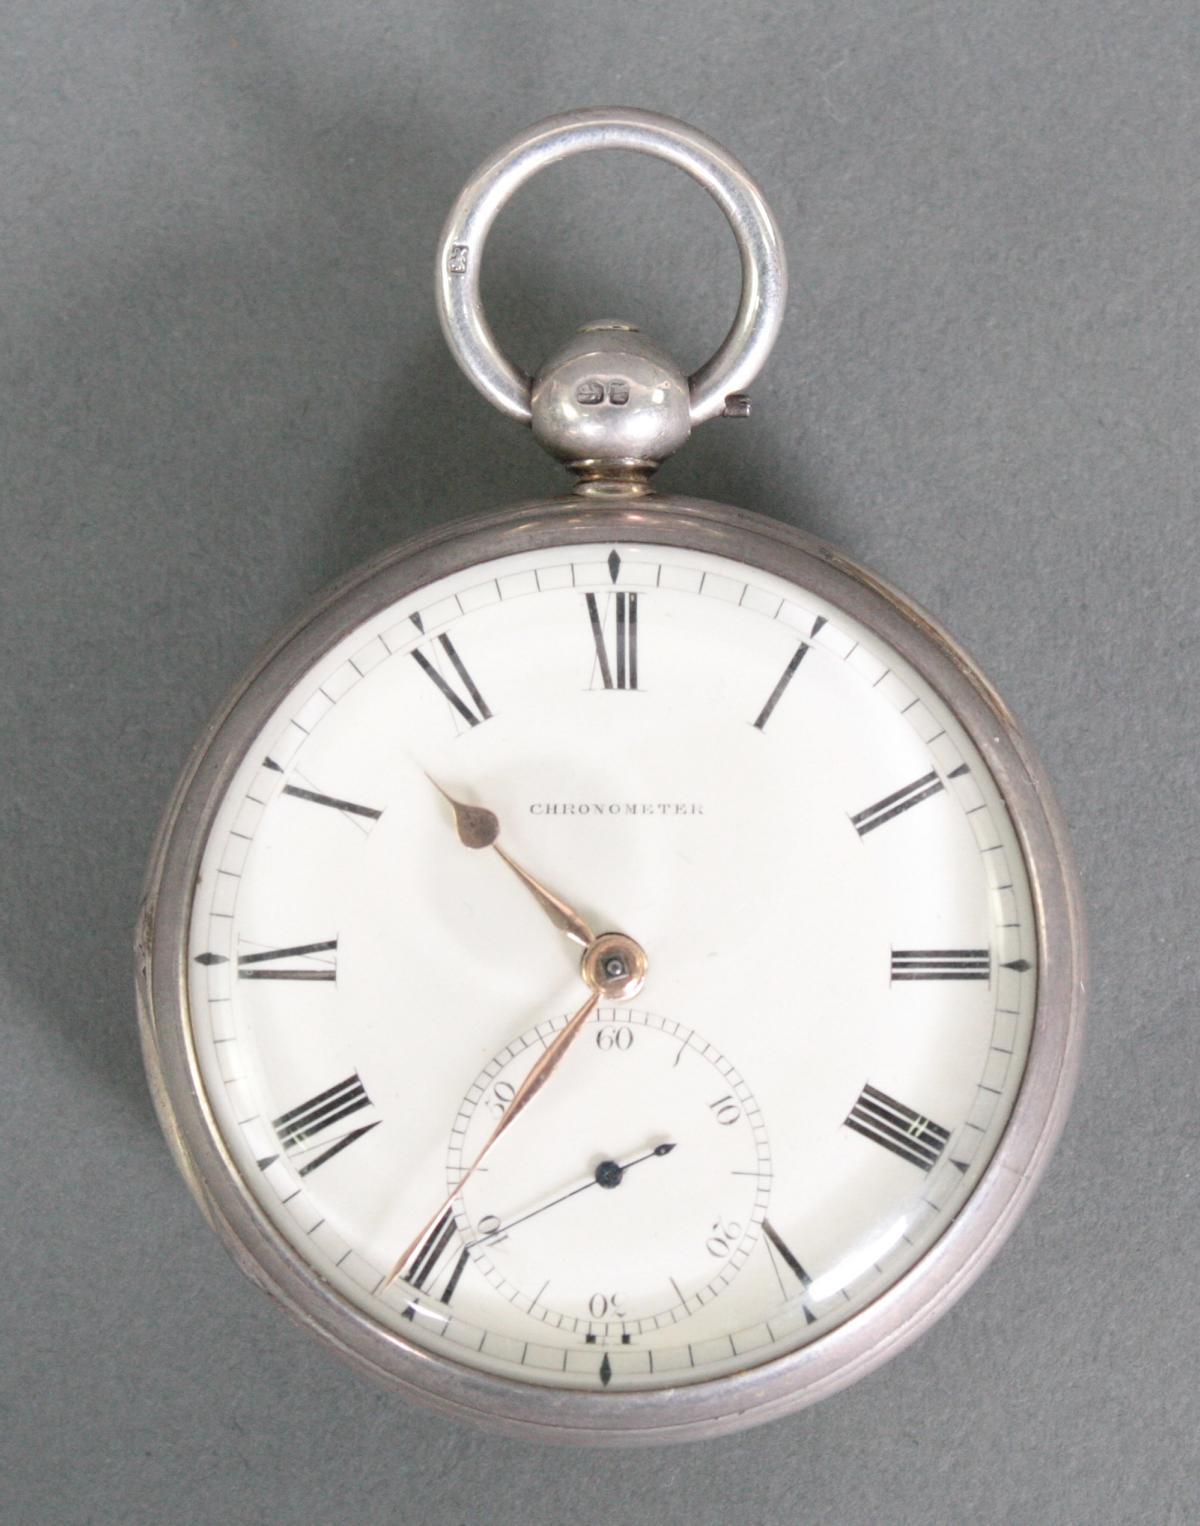 Schwere Taschenuhr, England 1. Hälfte 19. Jh. Chronometer